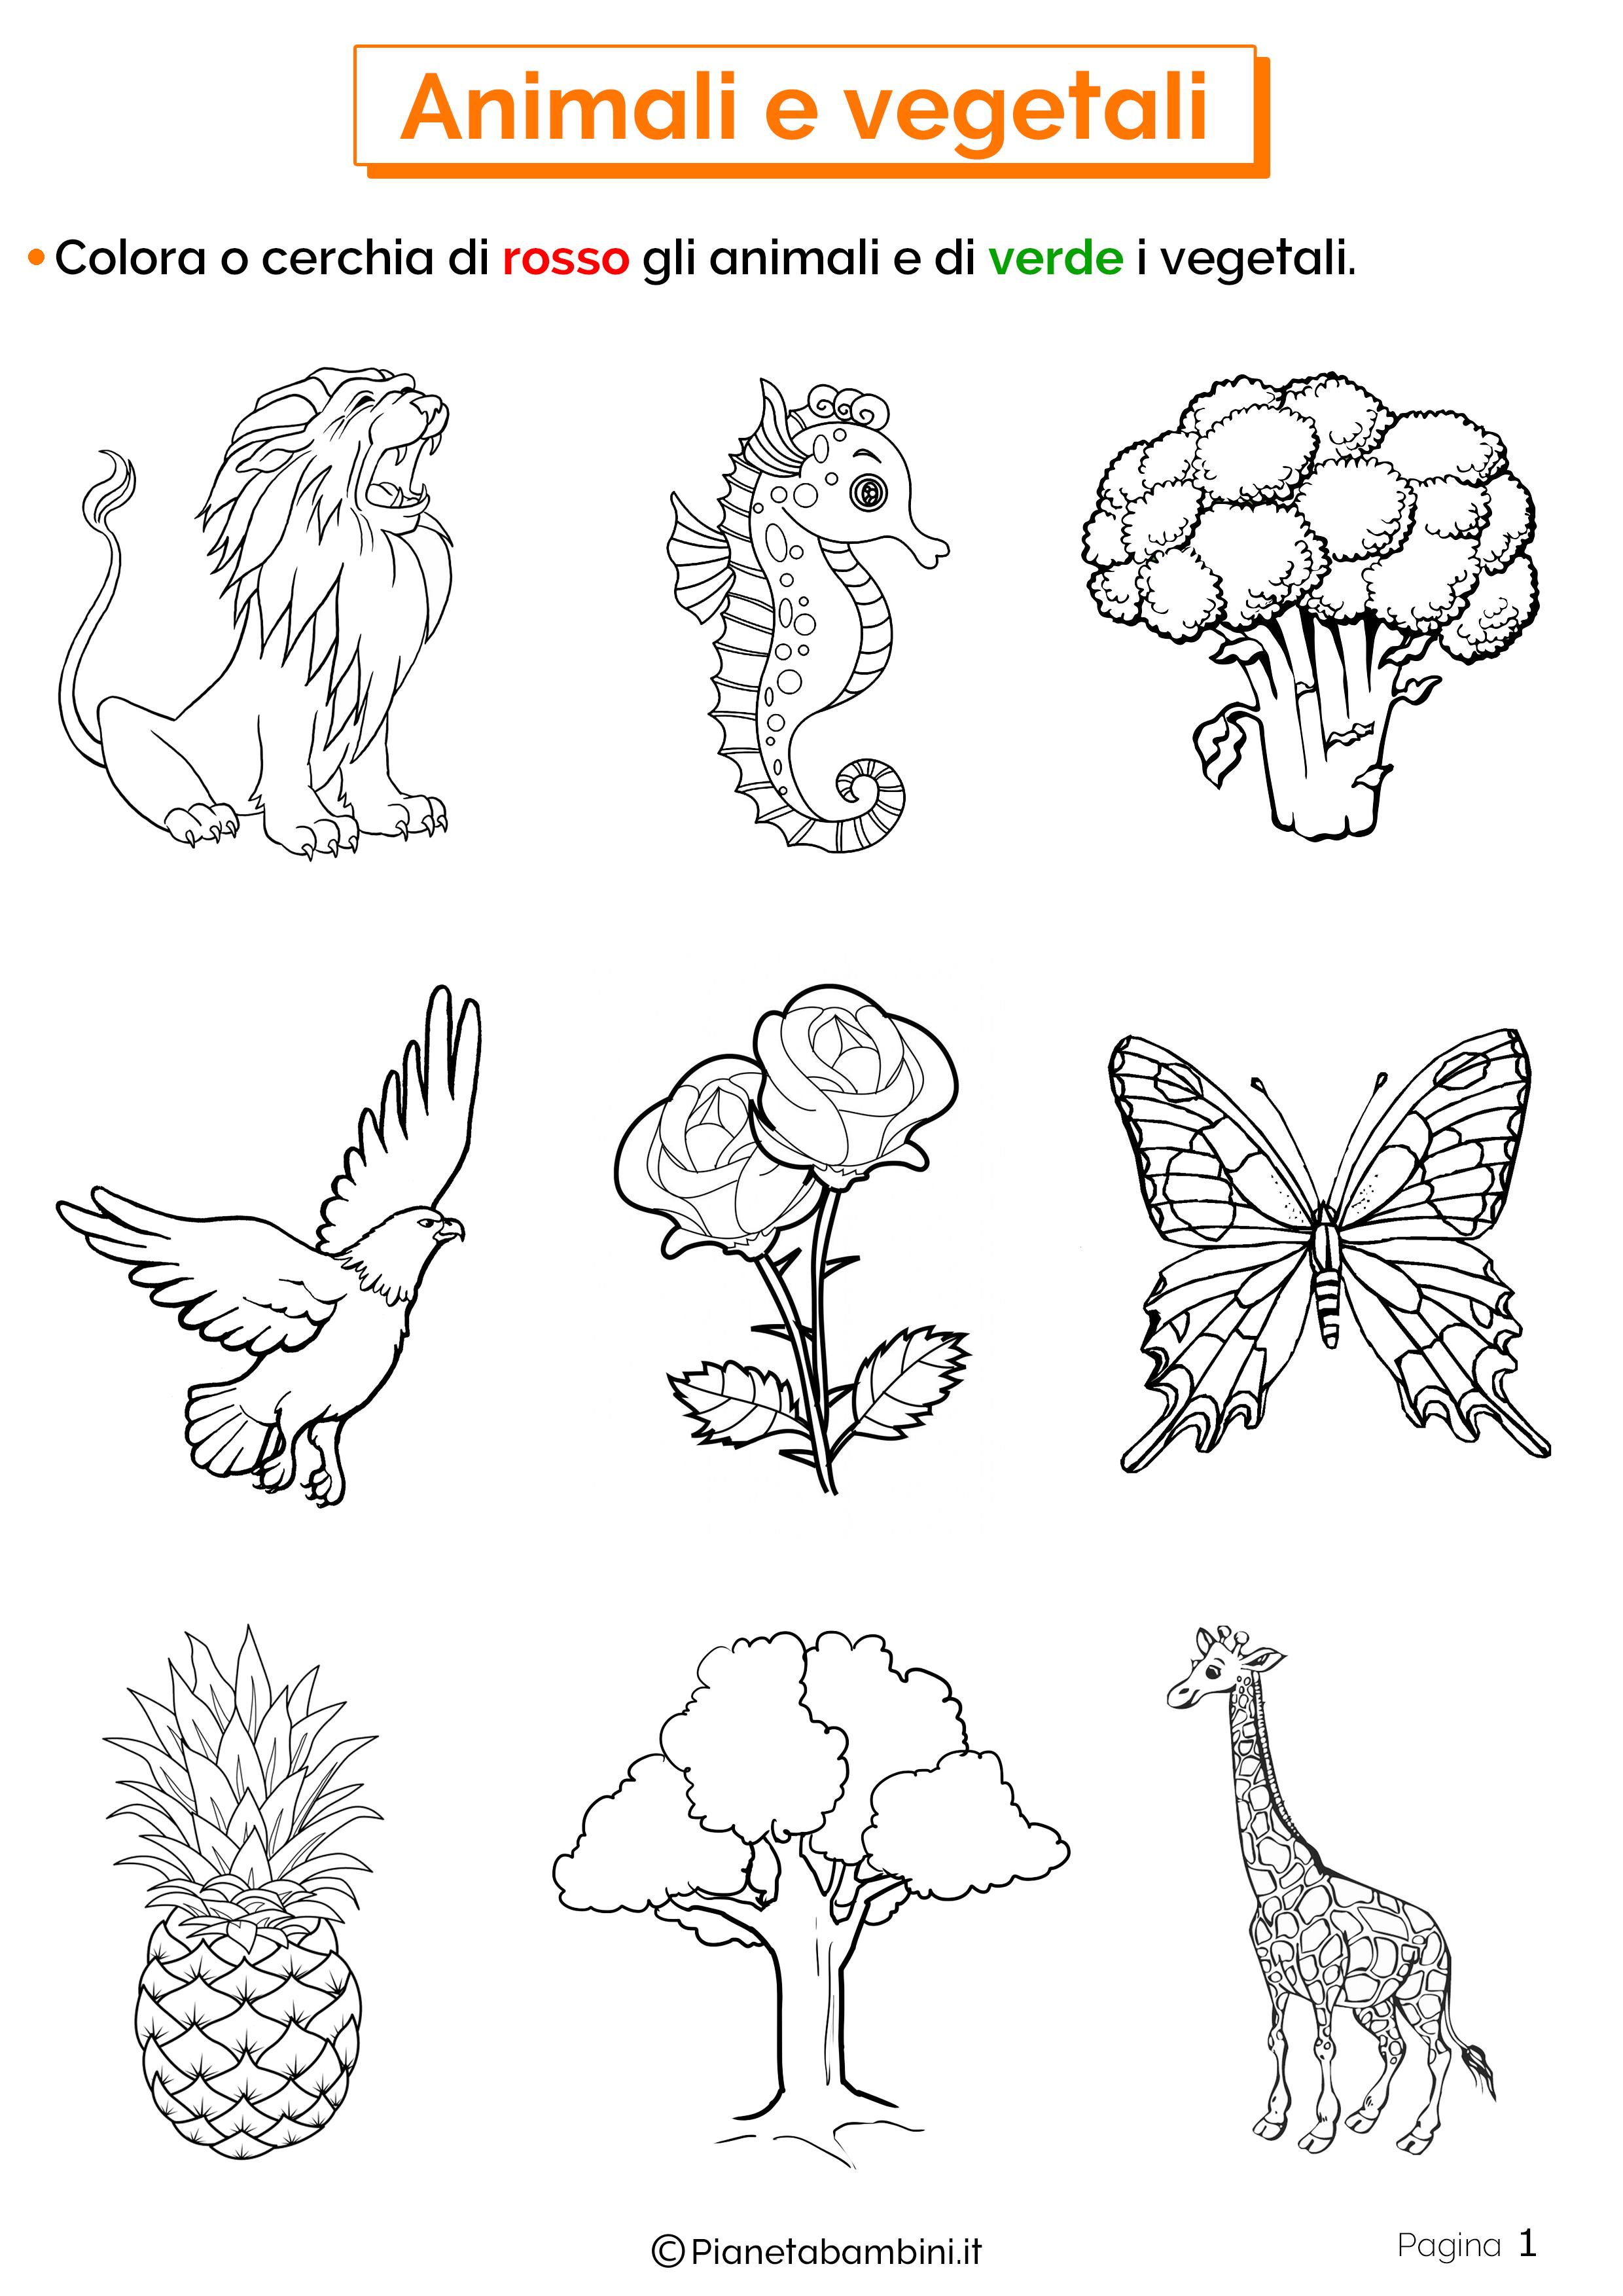 Esercizi su animali e vegetali 1